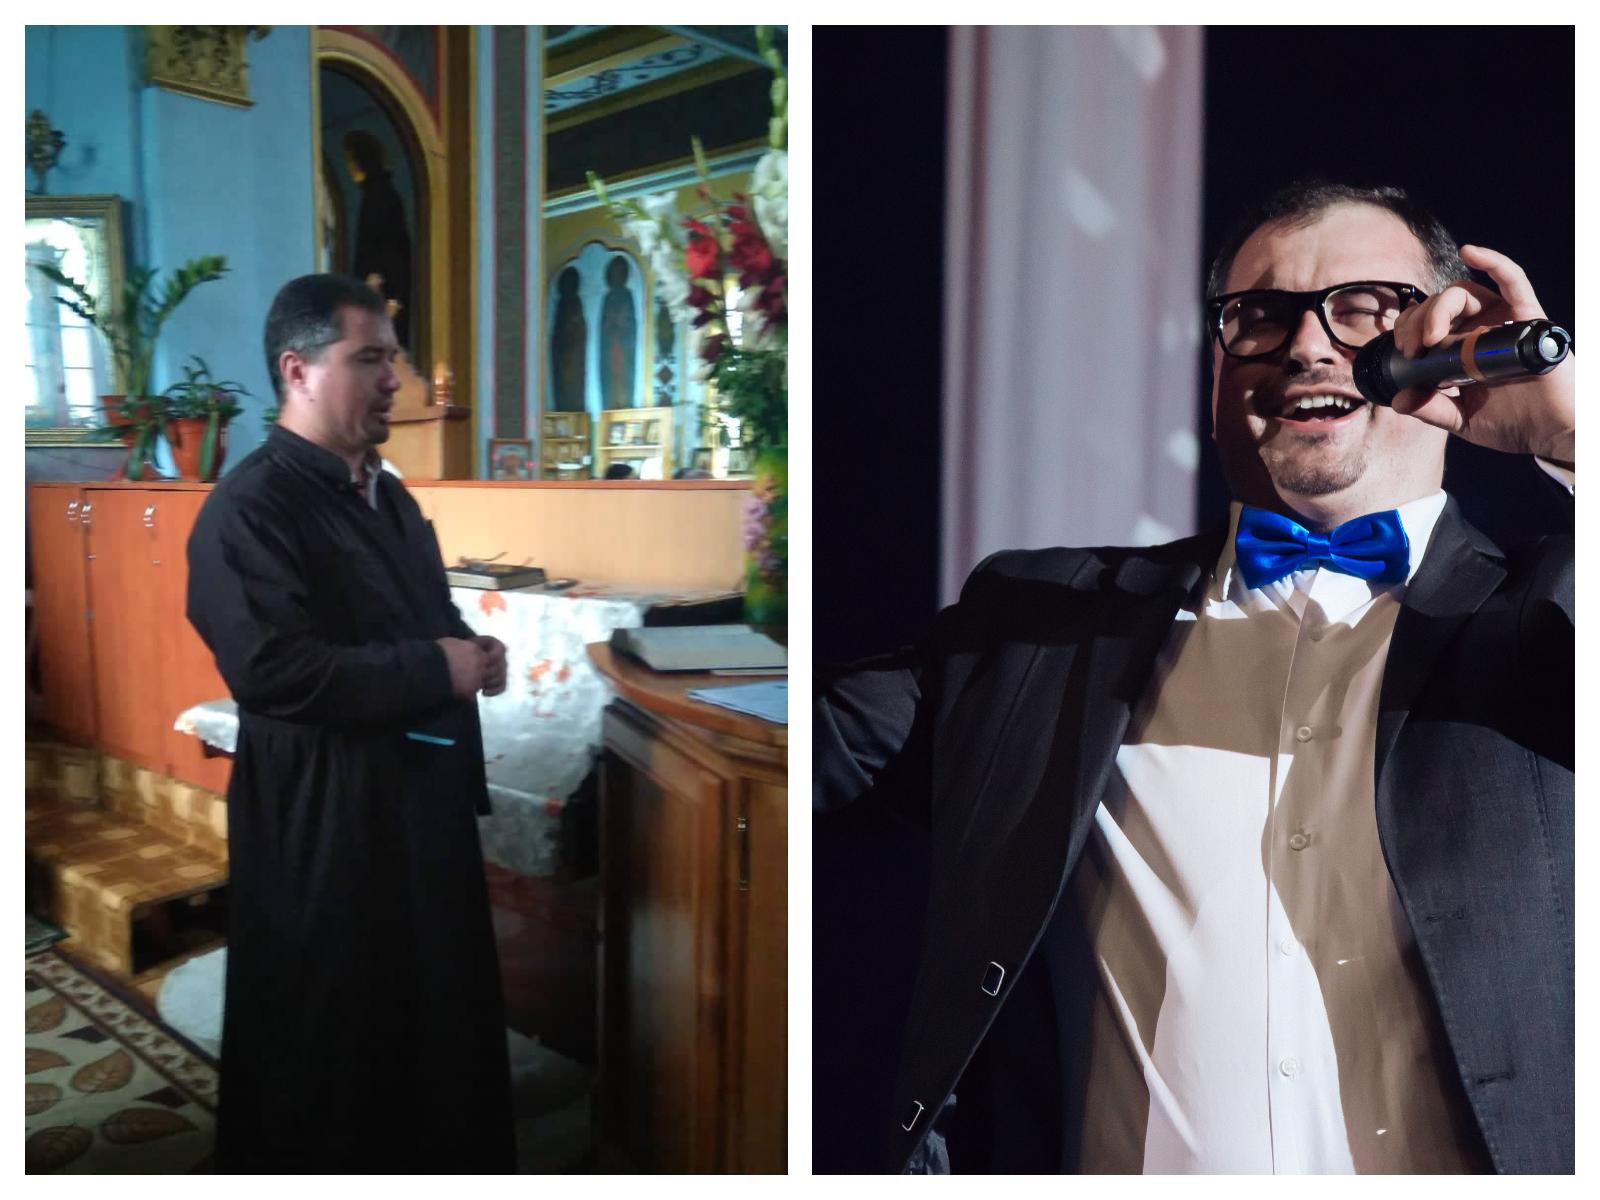 Ziua preot în biserică, seara, cântăreț pe scenă. Hirotonit diacon, Mihai Bîcu n-a abandonat scena